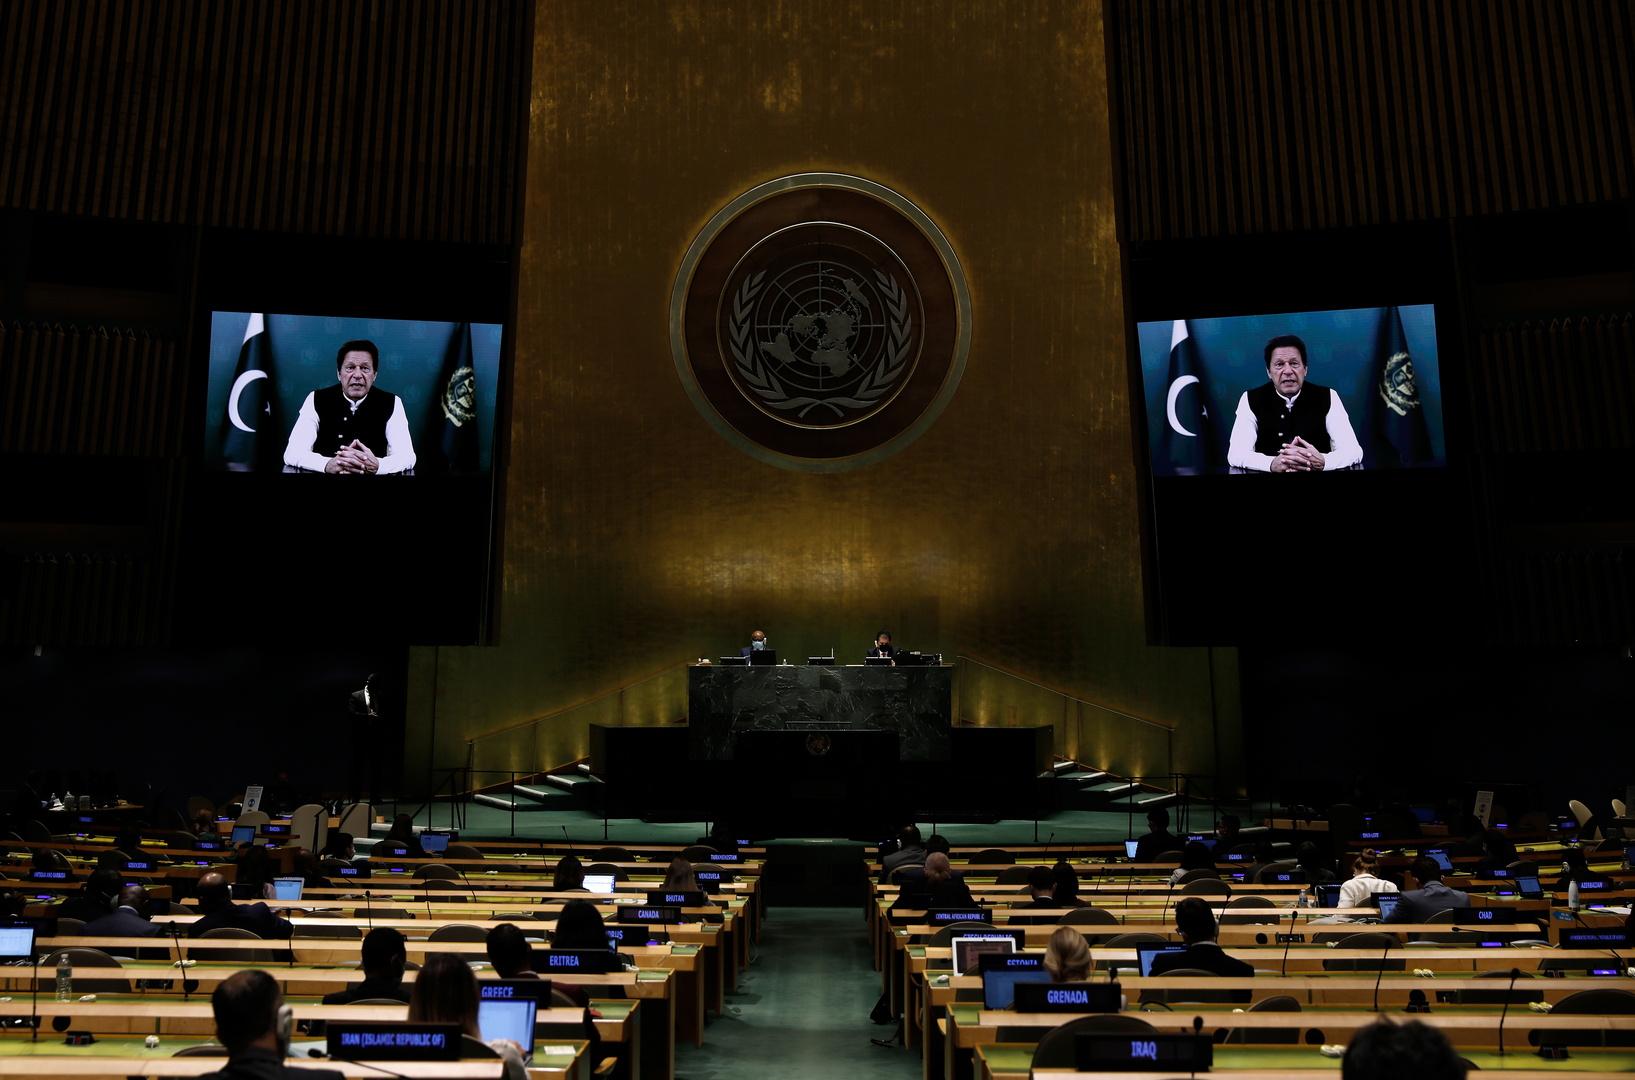 الدورة السادسة والسبعون للجمعية العامة للأمم المتحدة